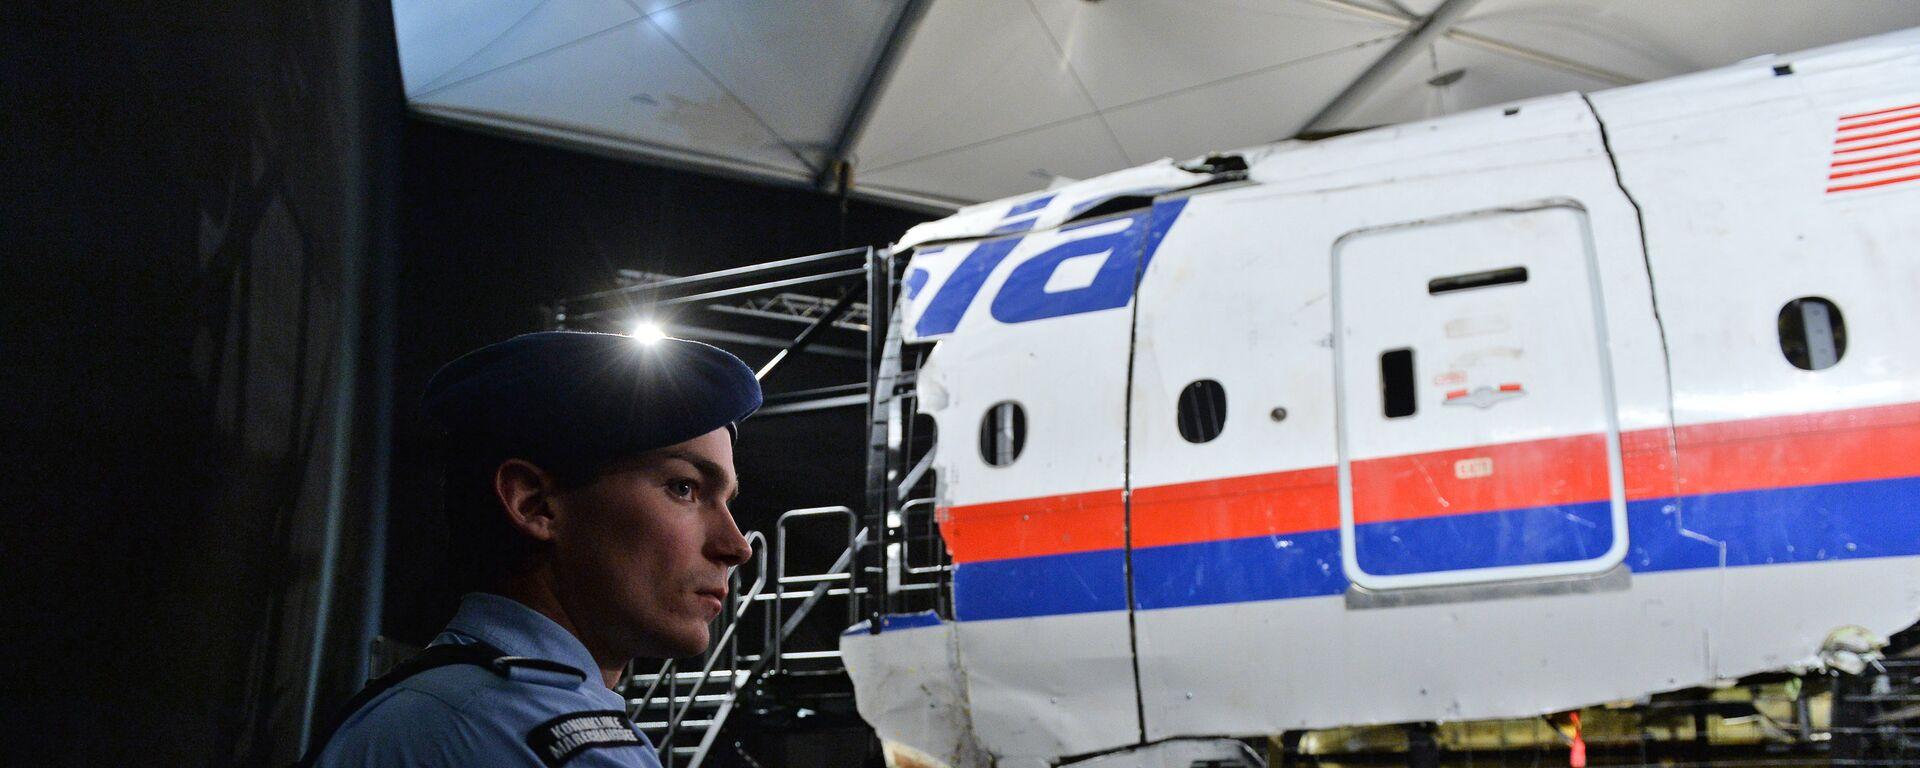 Представление доклада об обстоятельствах крушения лайнера Boeing 777 Malaysia Airlines (рейс MH17) на Востоке Украины 17 июля 2014 года на военной базе Гилзе-Рейен в Нидерландах - Sputnik Mundo, 1920, 28.07.2021